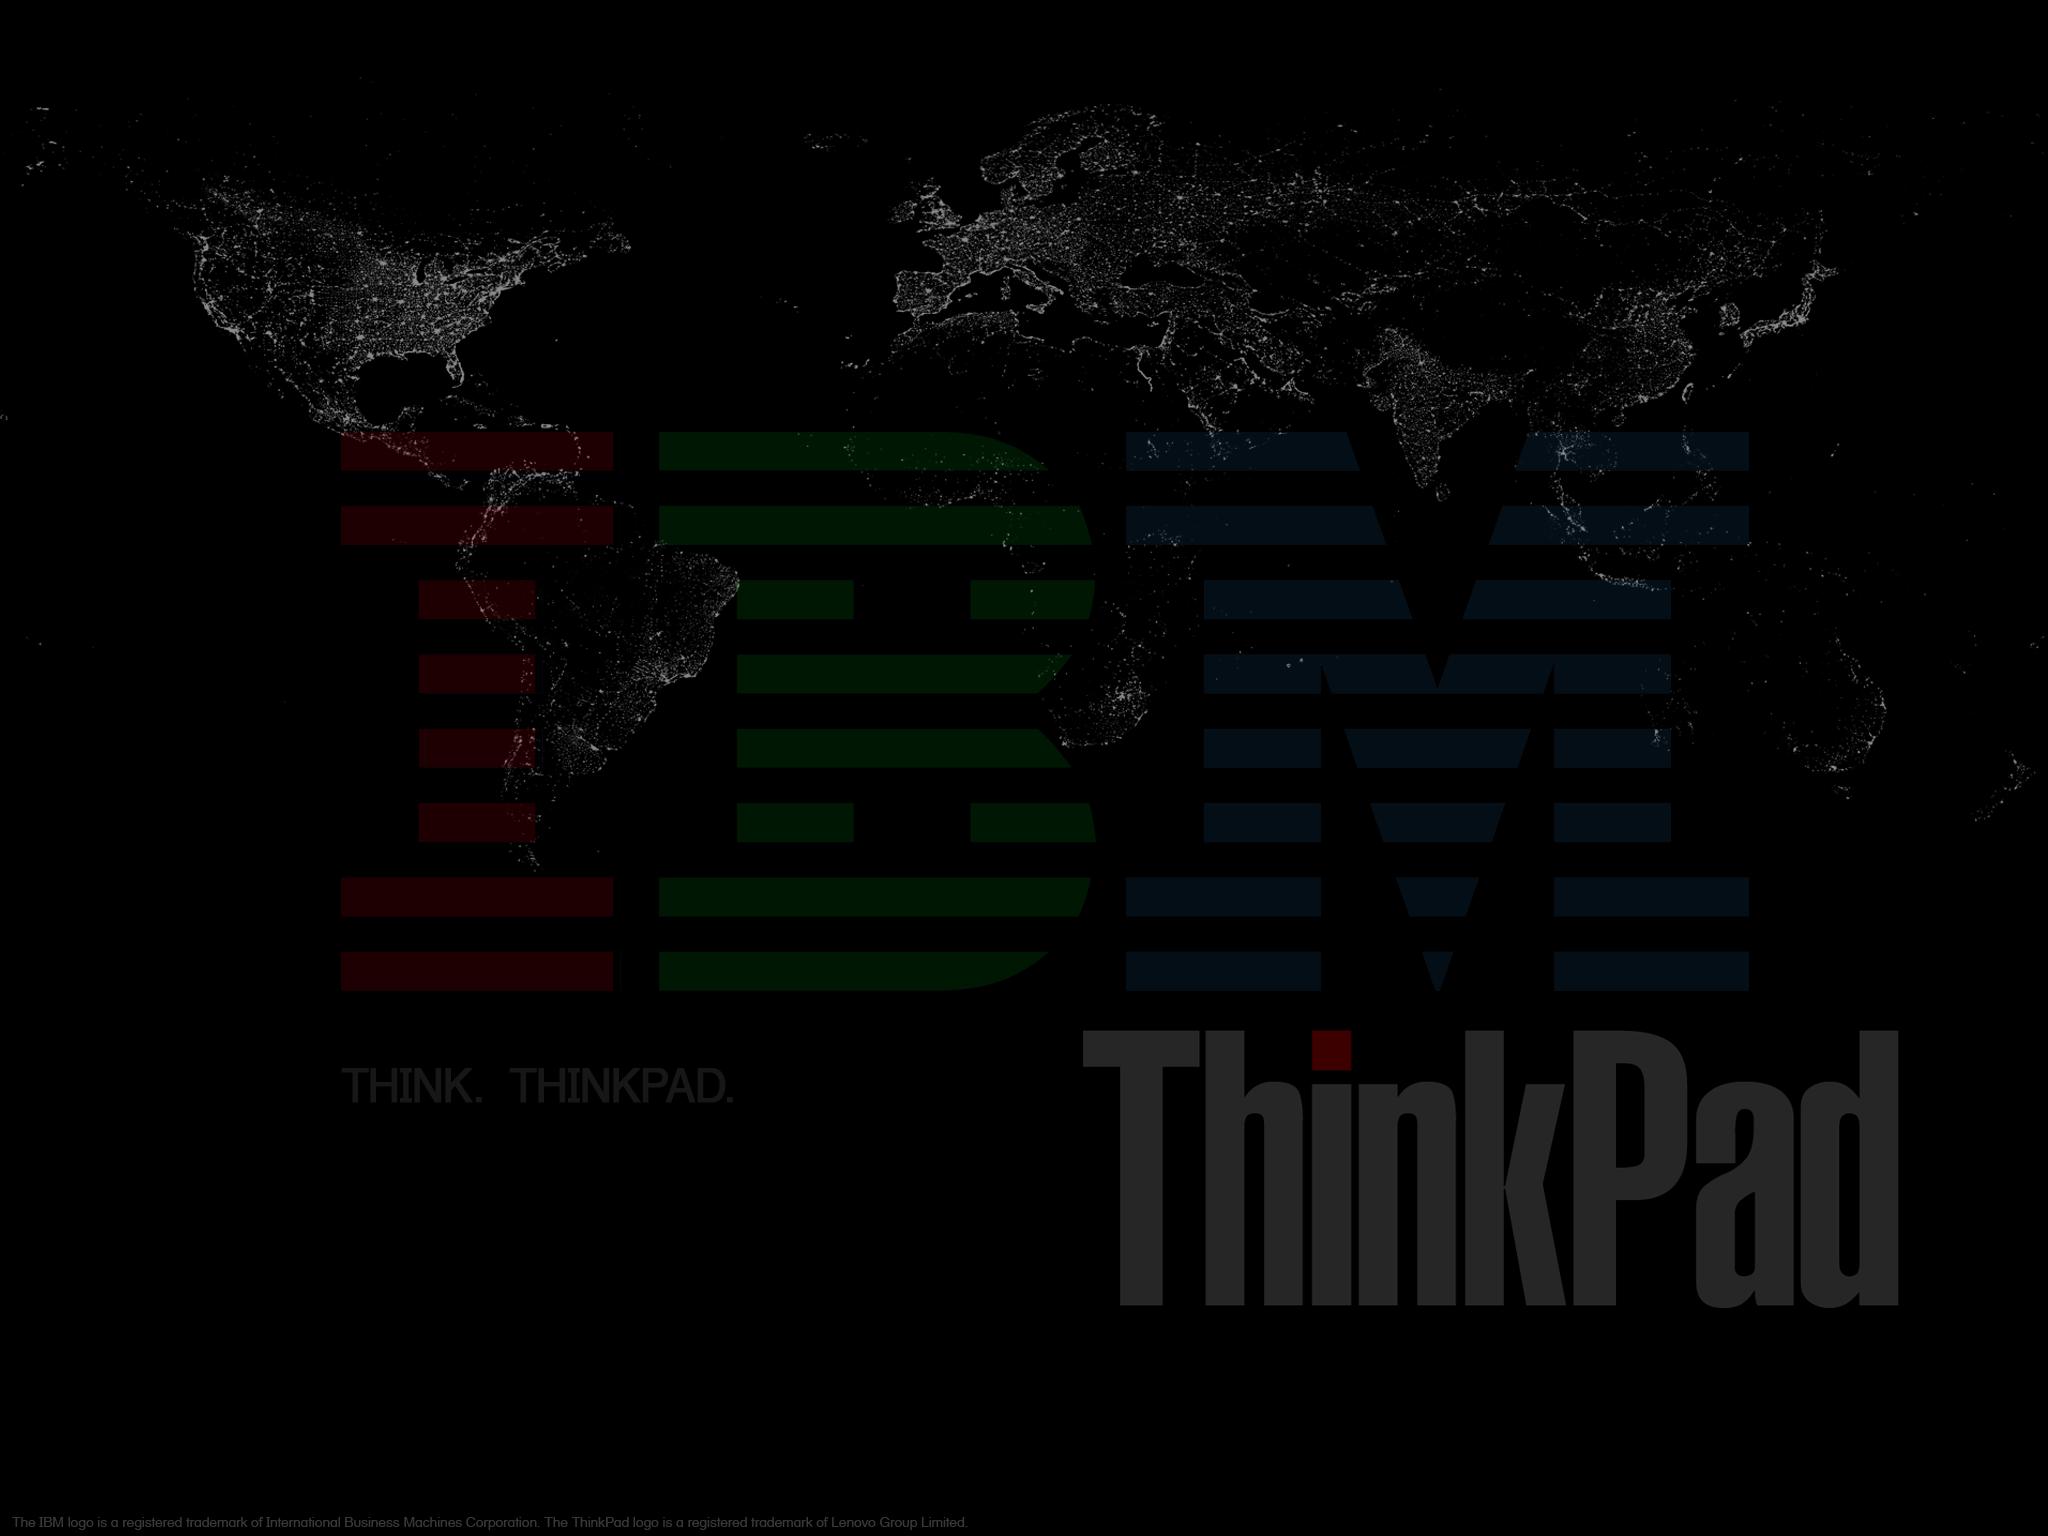 Ibm Thinkpad Wallpapers 2048x1536